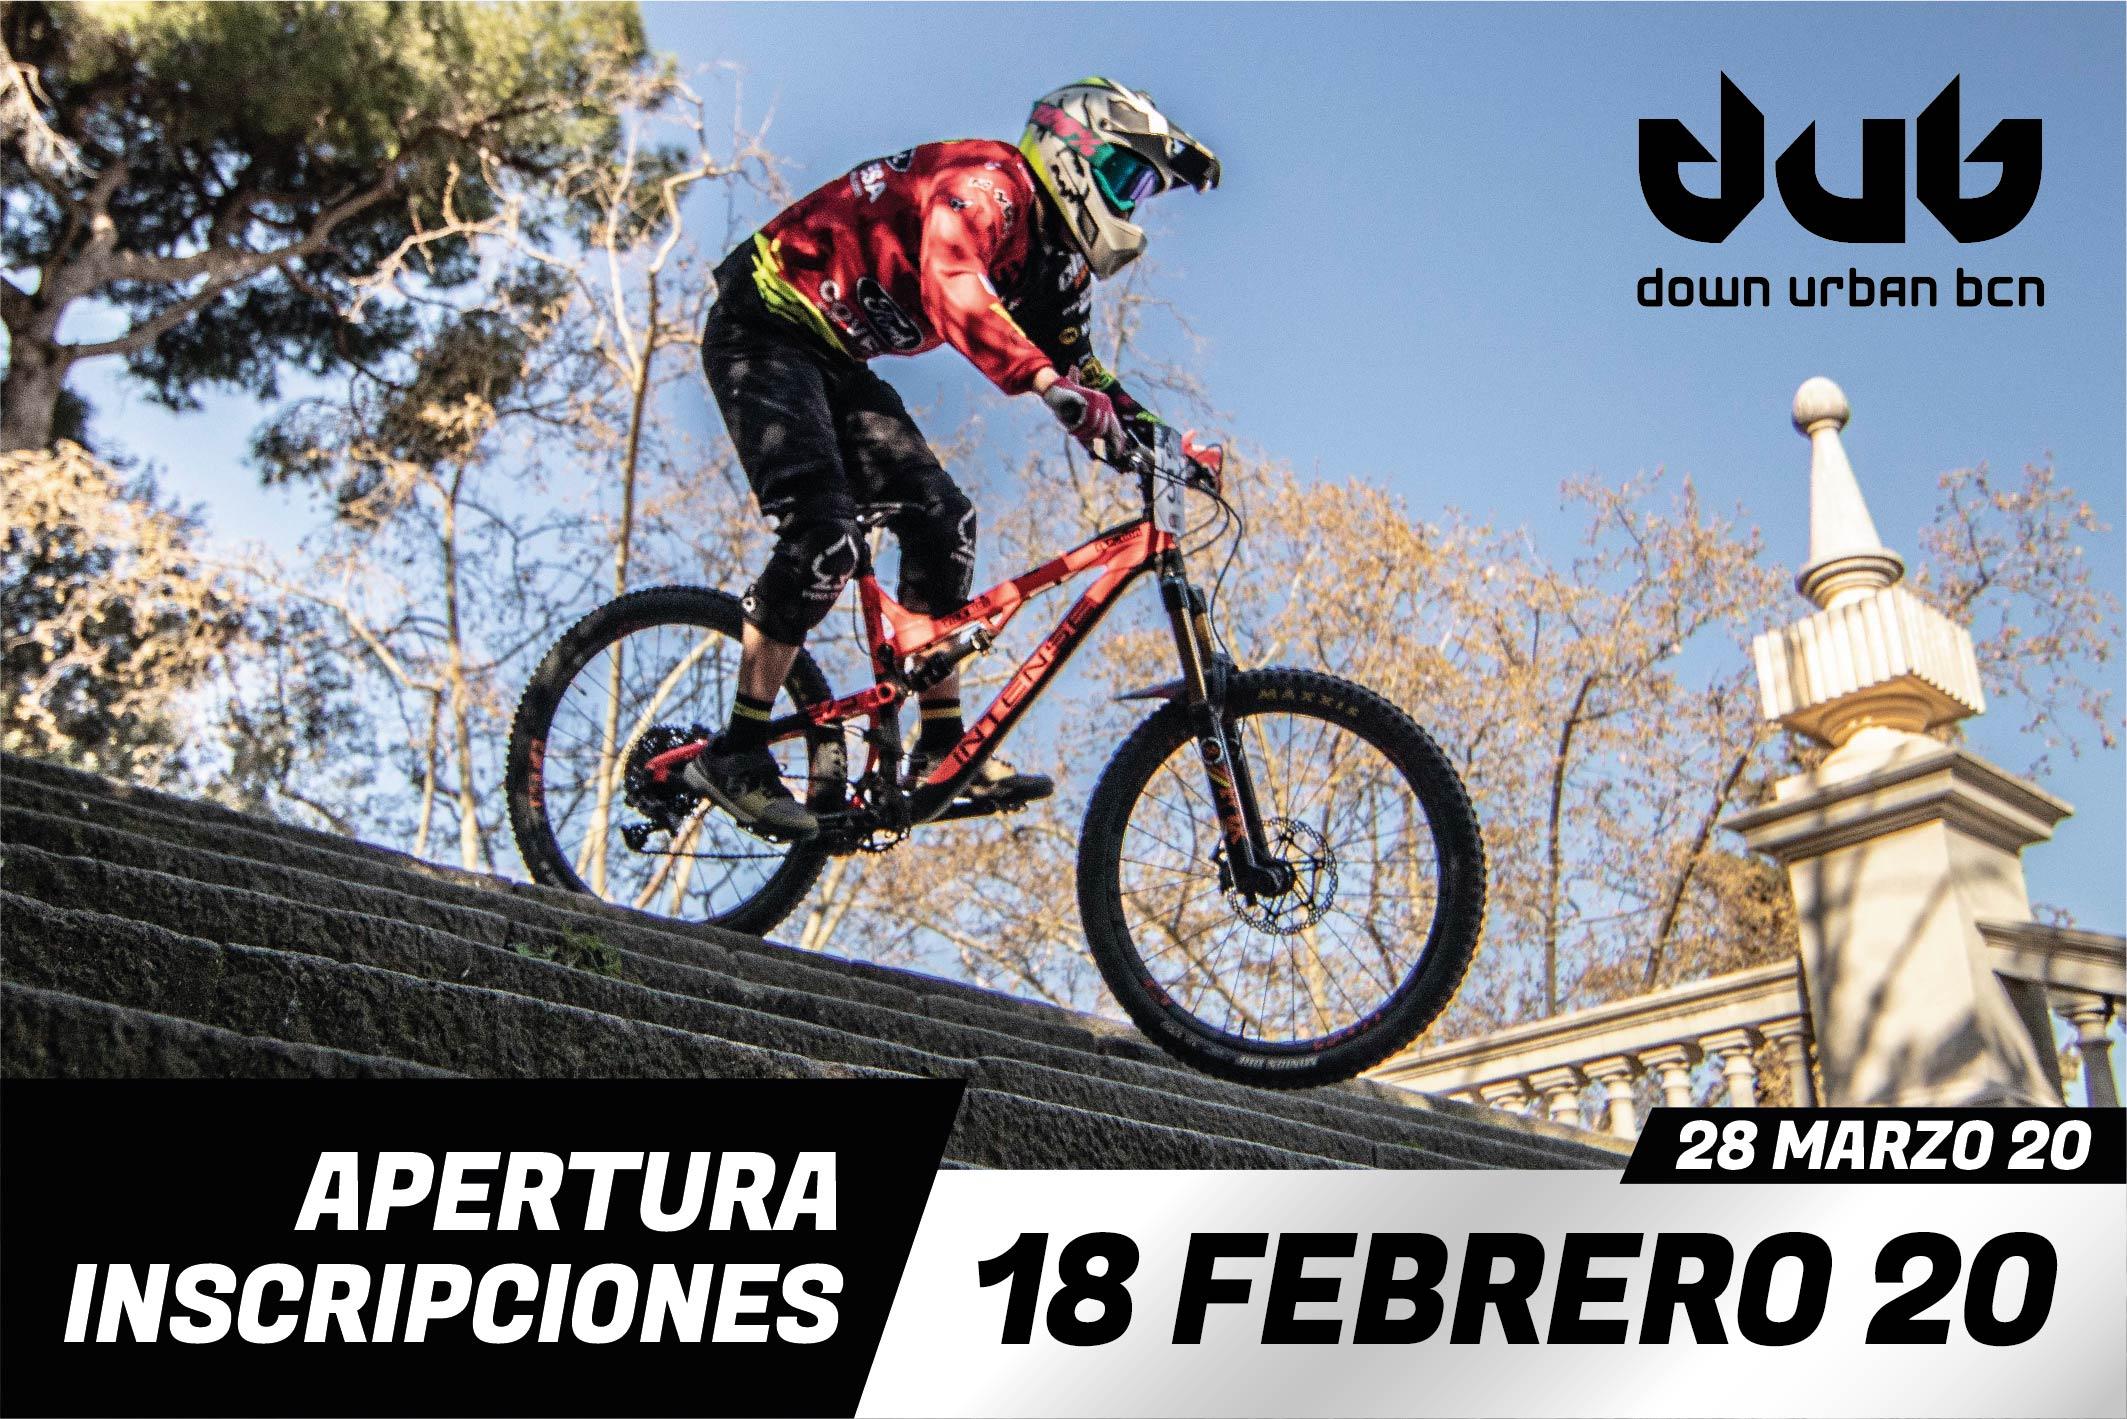 El 28 de març torna el Down Urban Barcelona dins de la Cycling Week Barcelona 2020